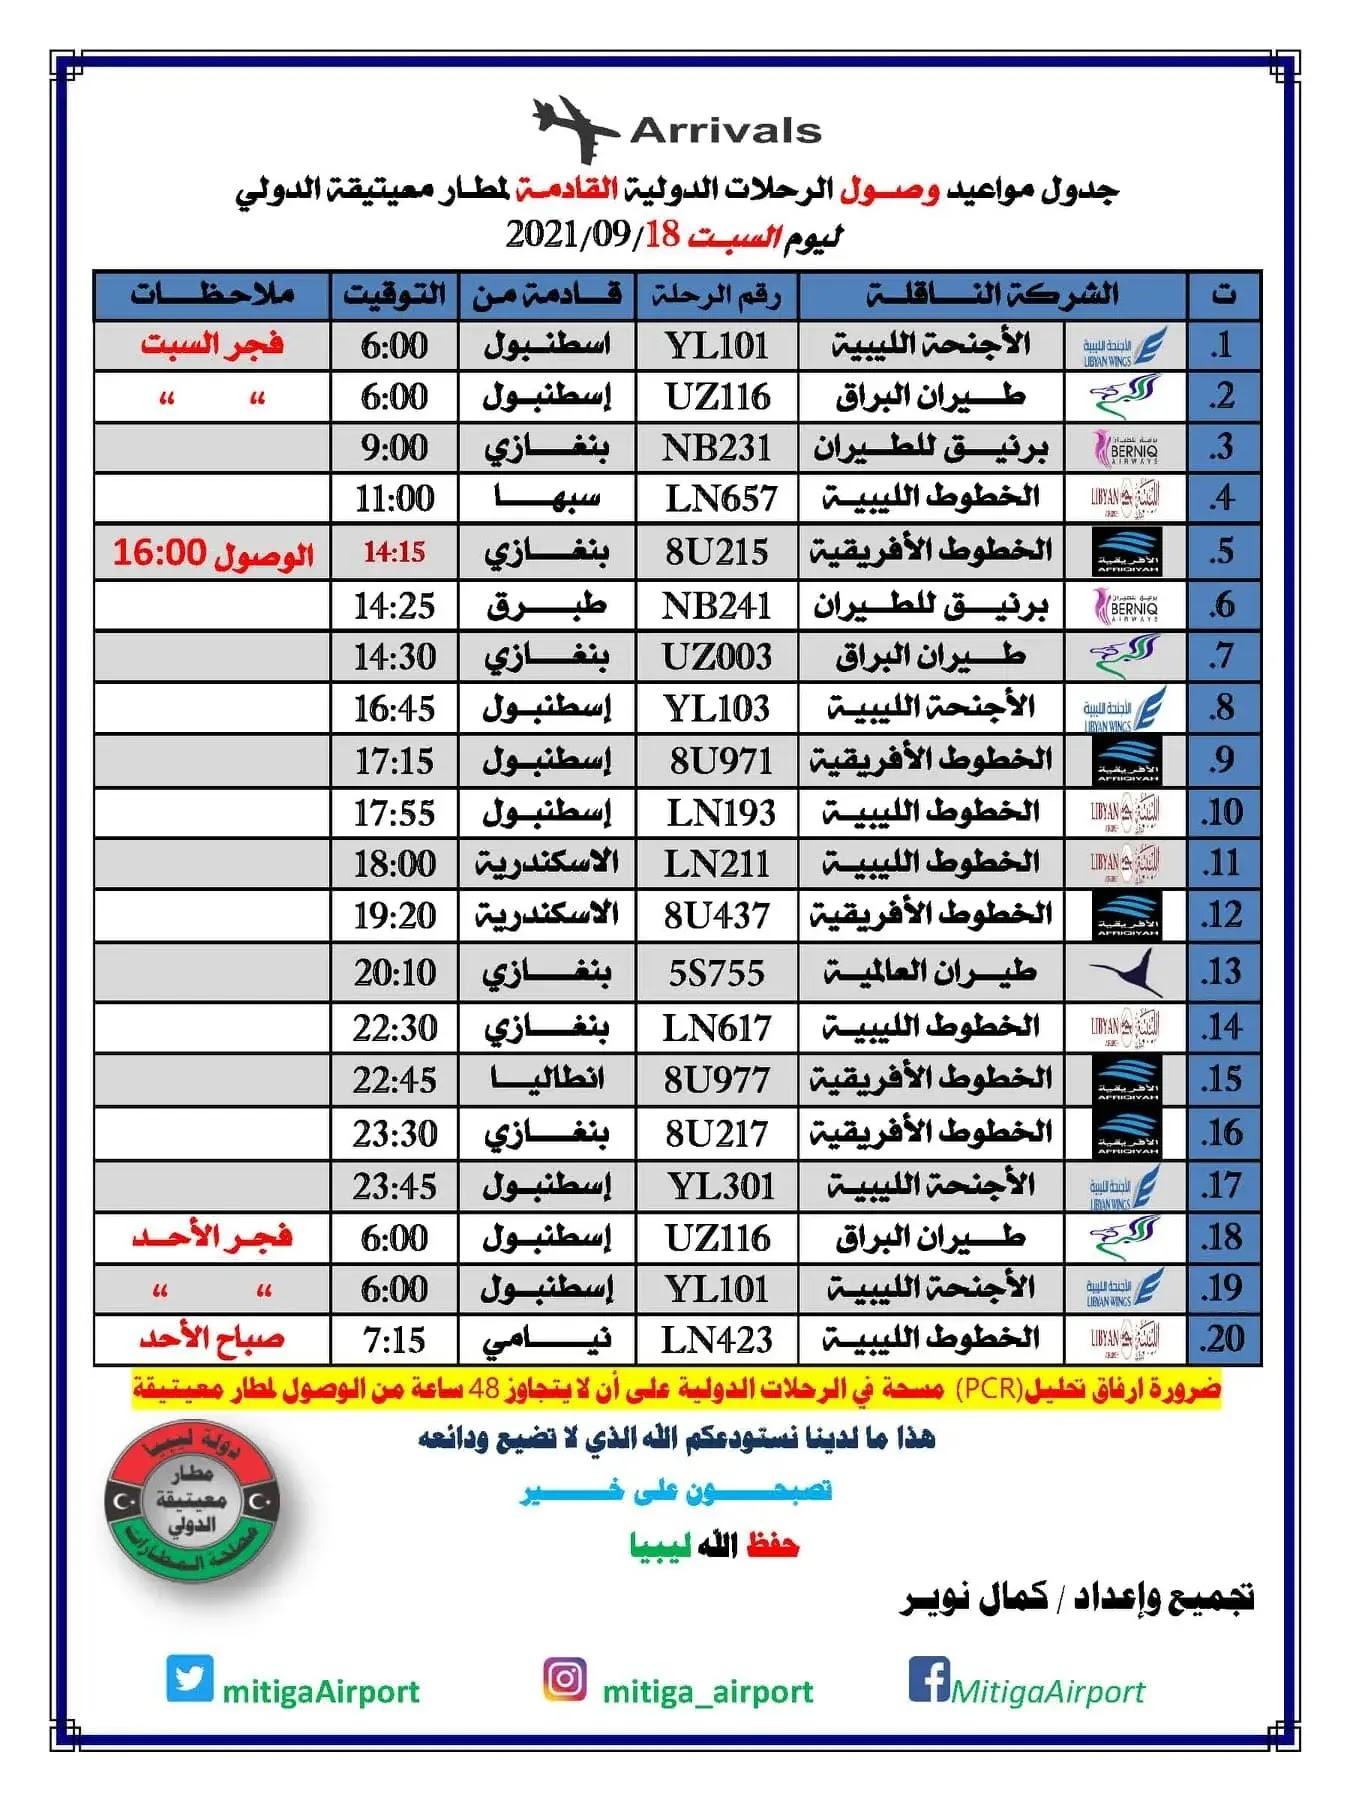 رحلات مطار معيتيقة الدولي السبت 18-09-2021م